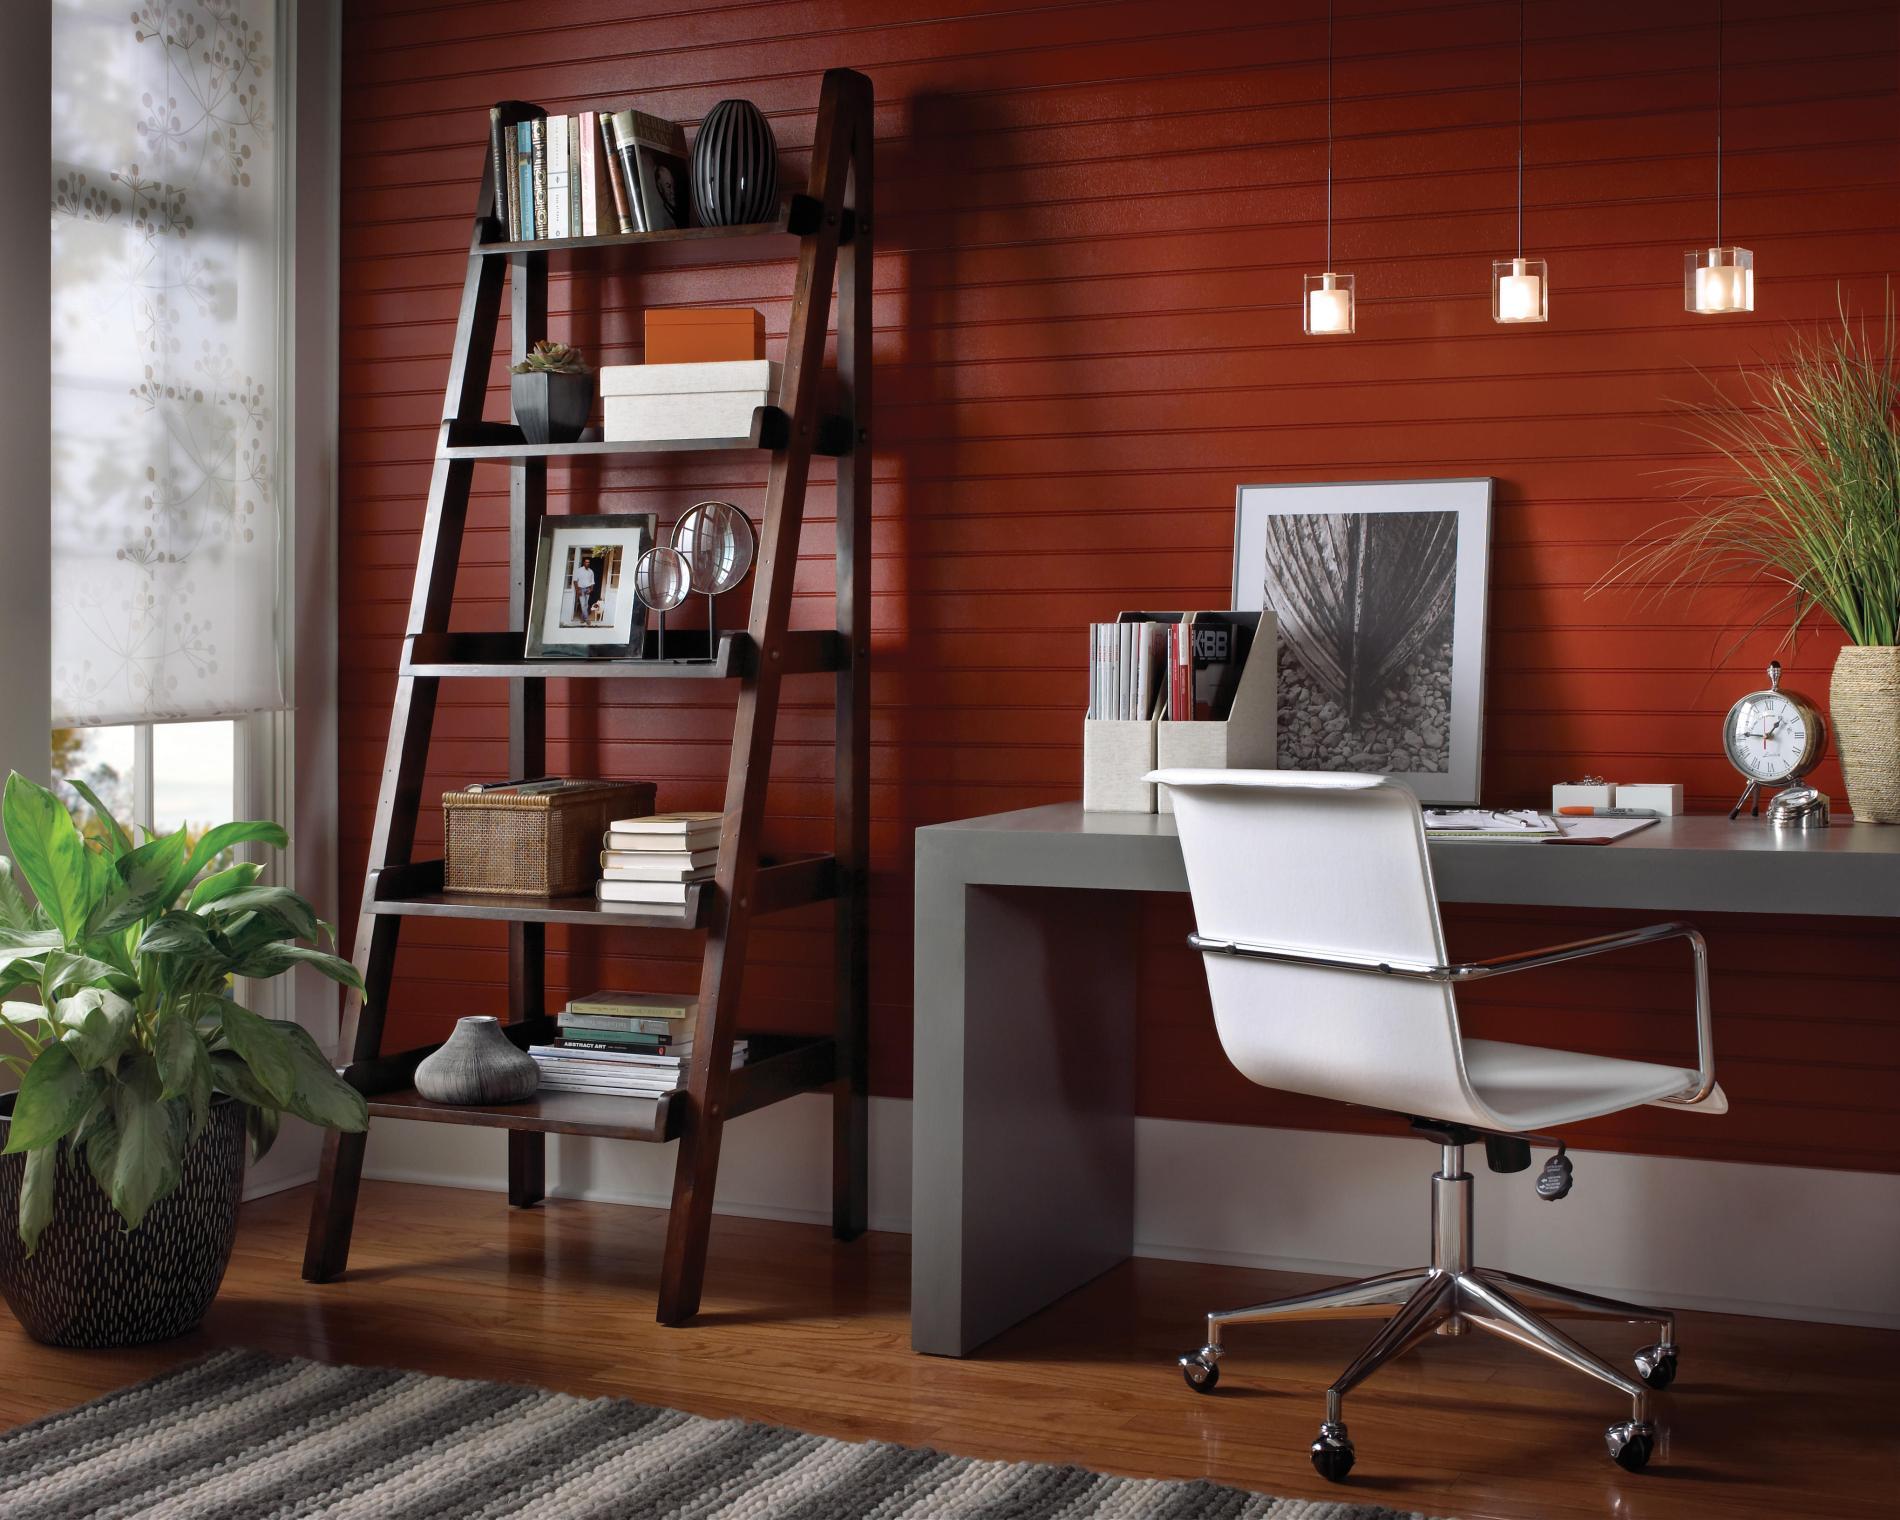 дизайн интерьера кабинета.jpg